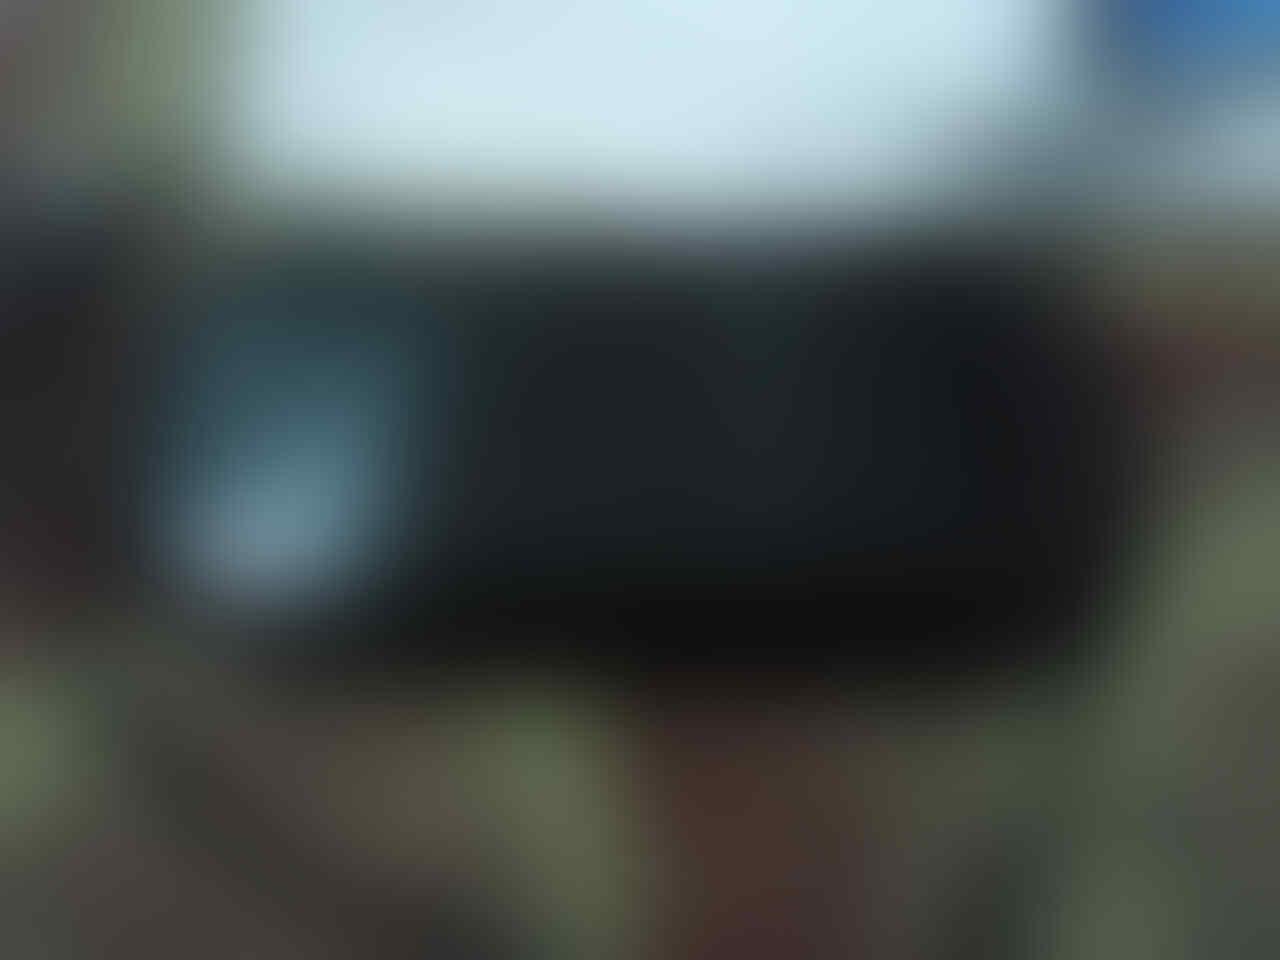 PS Vita 3g/wifi 16 gb mantap